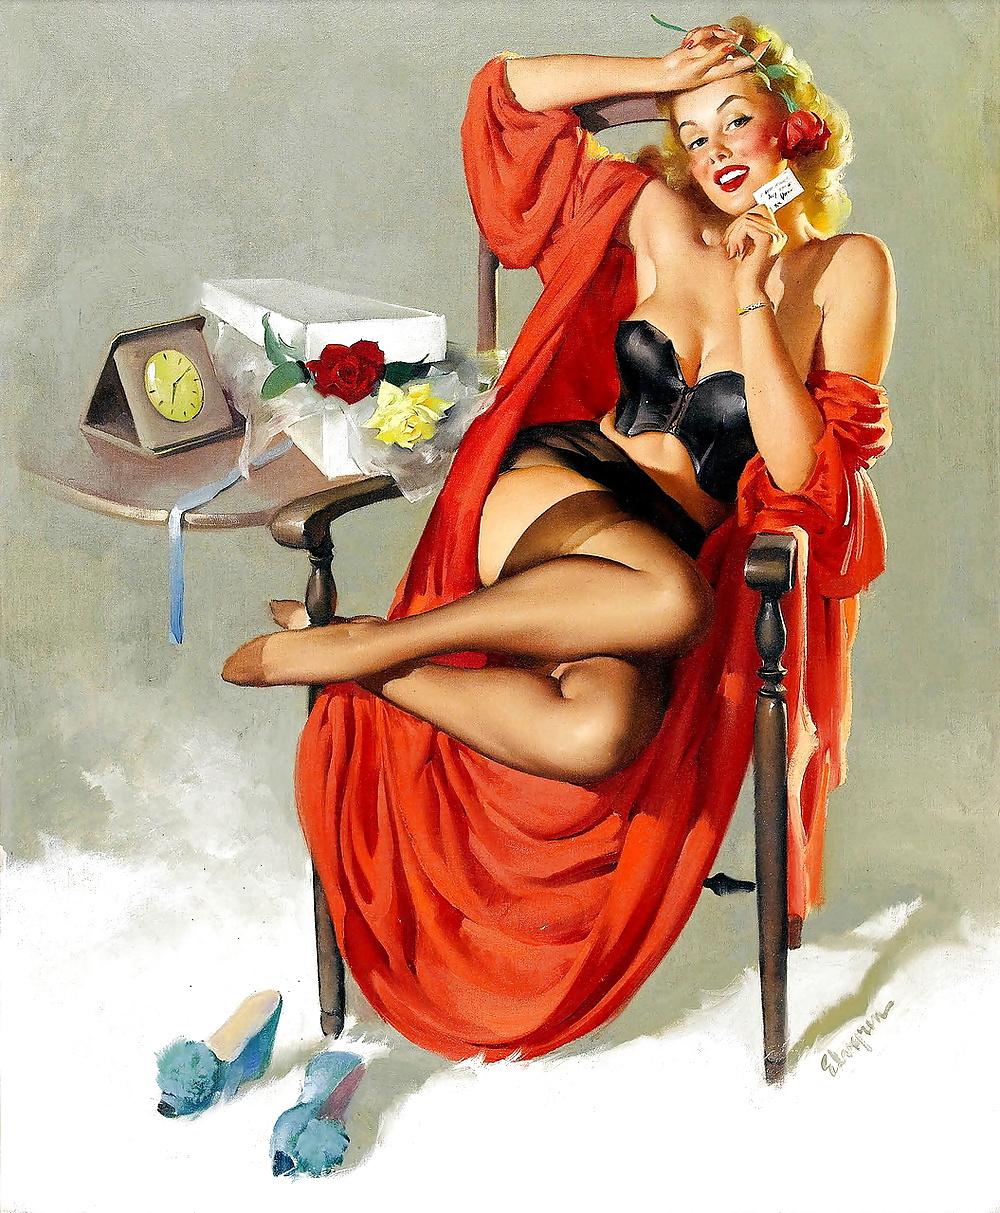 Открытки, открытка с обнаженной девушкой